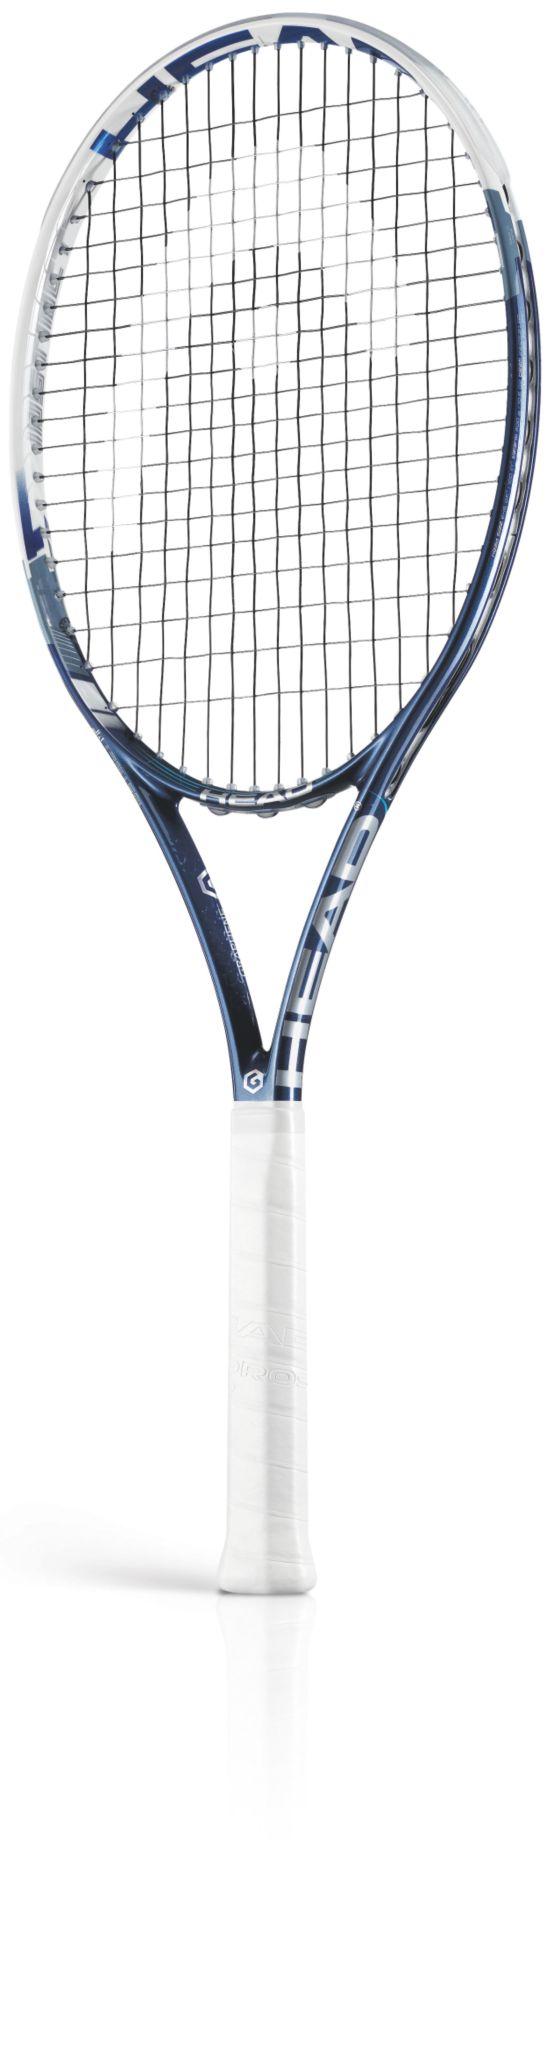 Youtek Graphene Instinct Mp Tennisracket